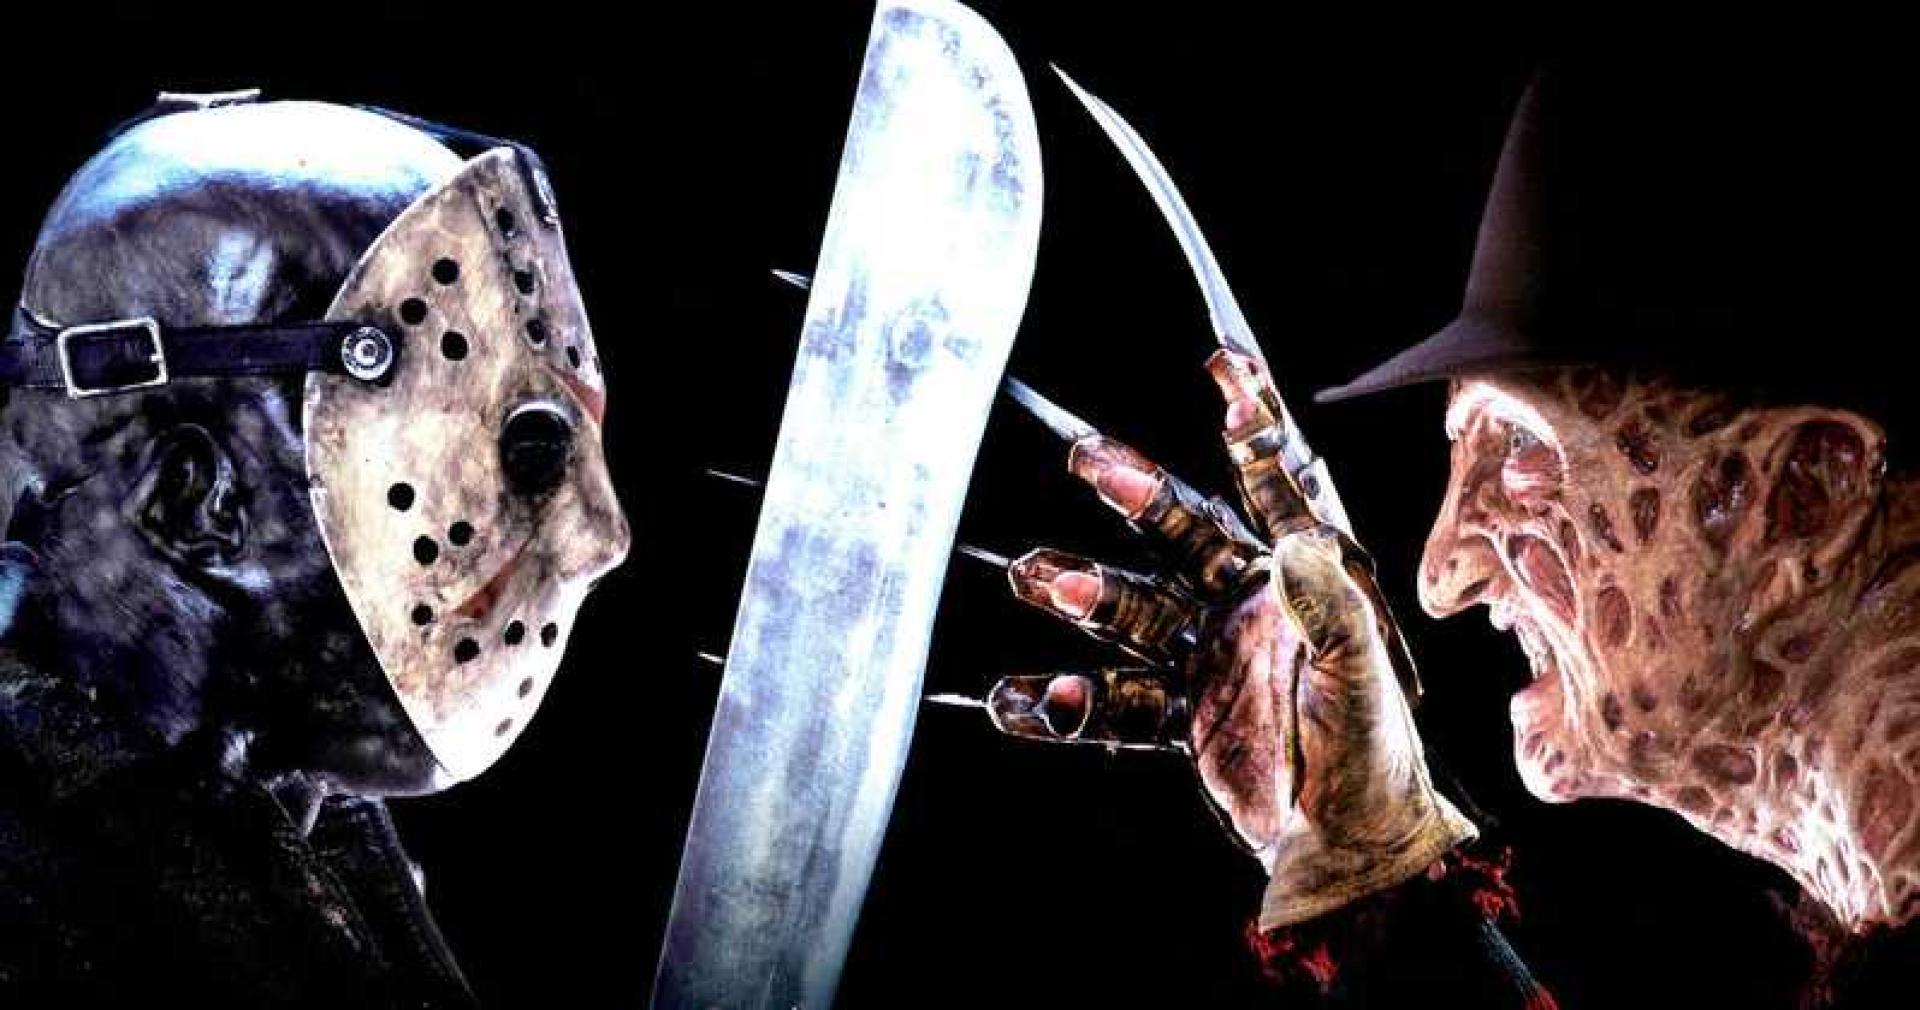 Freddy vs. Jason: őrült sztoriötletek, amelyek végül nem valósultak meg